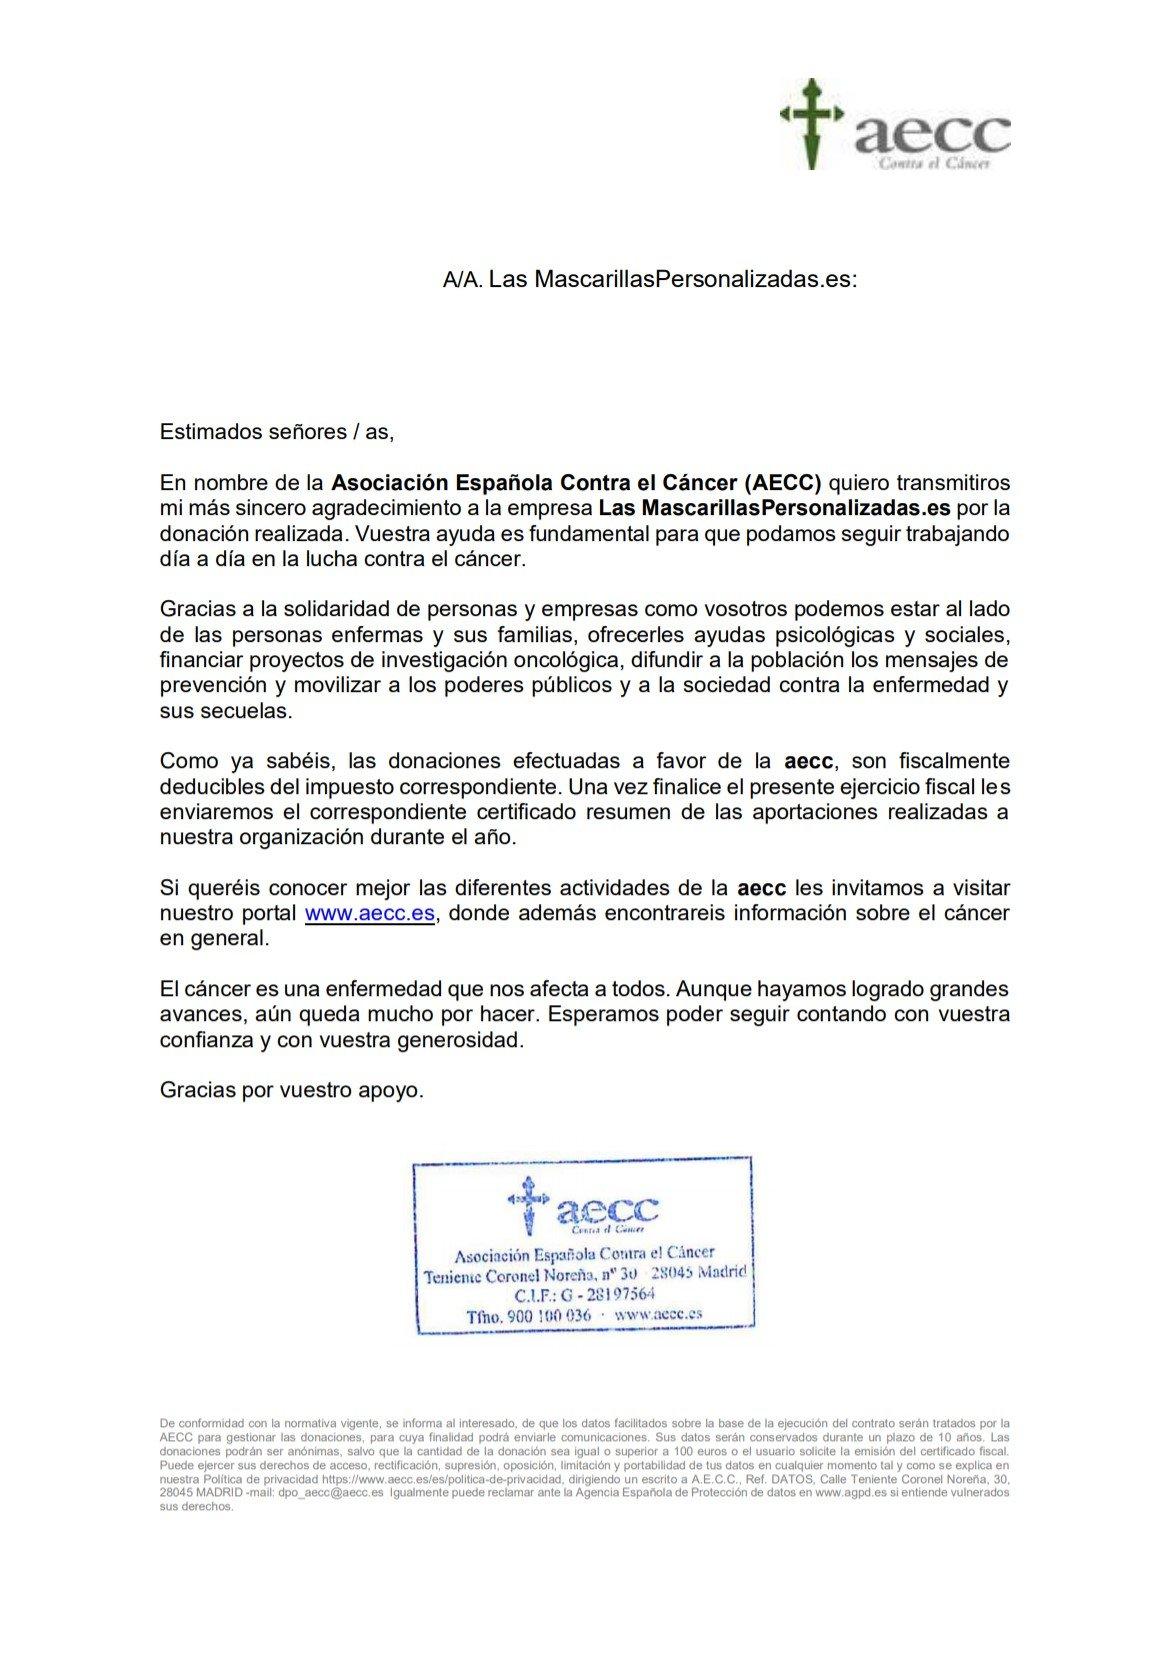 Donación de las mascarillas personalizadas .es a asociación española contra el cancer